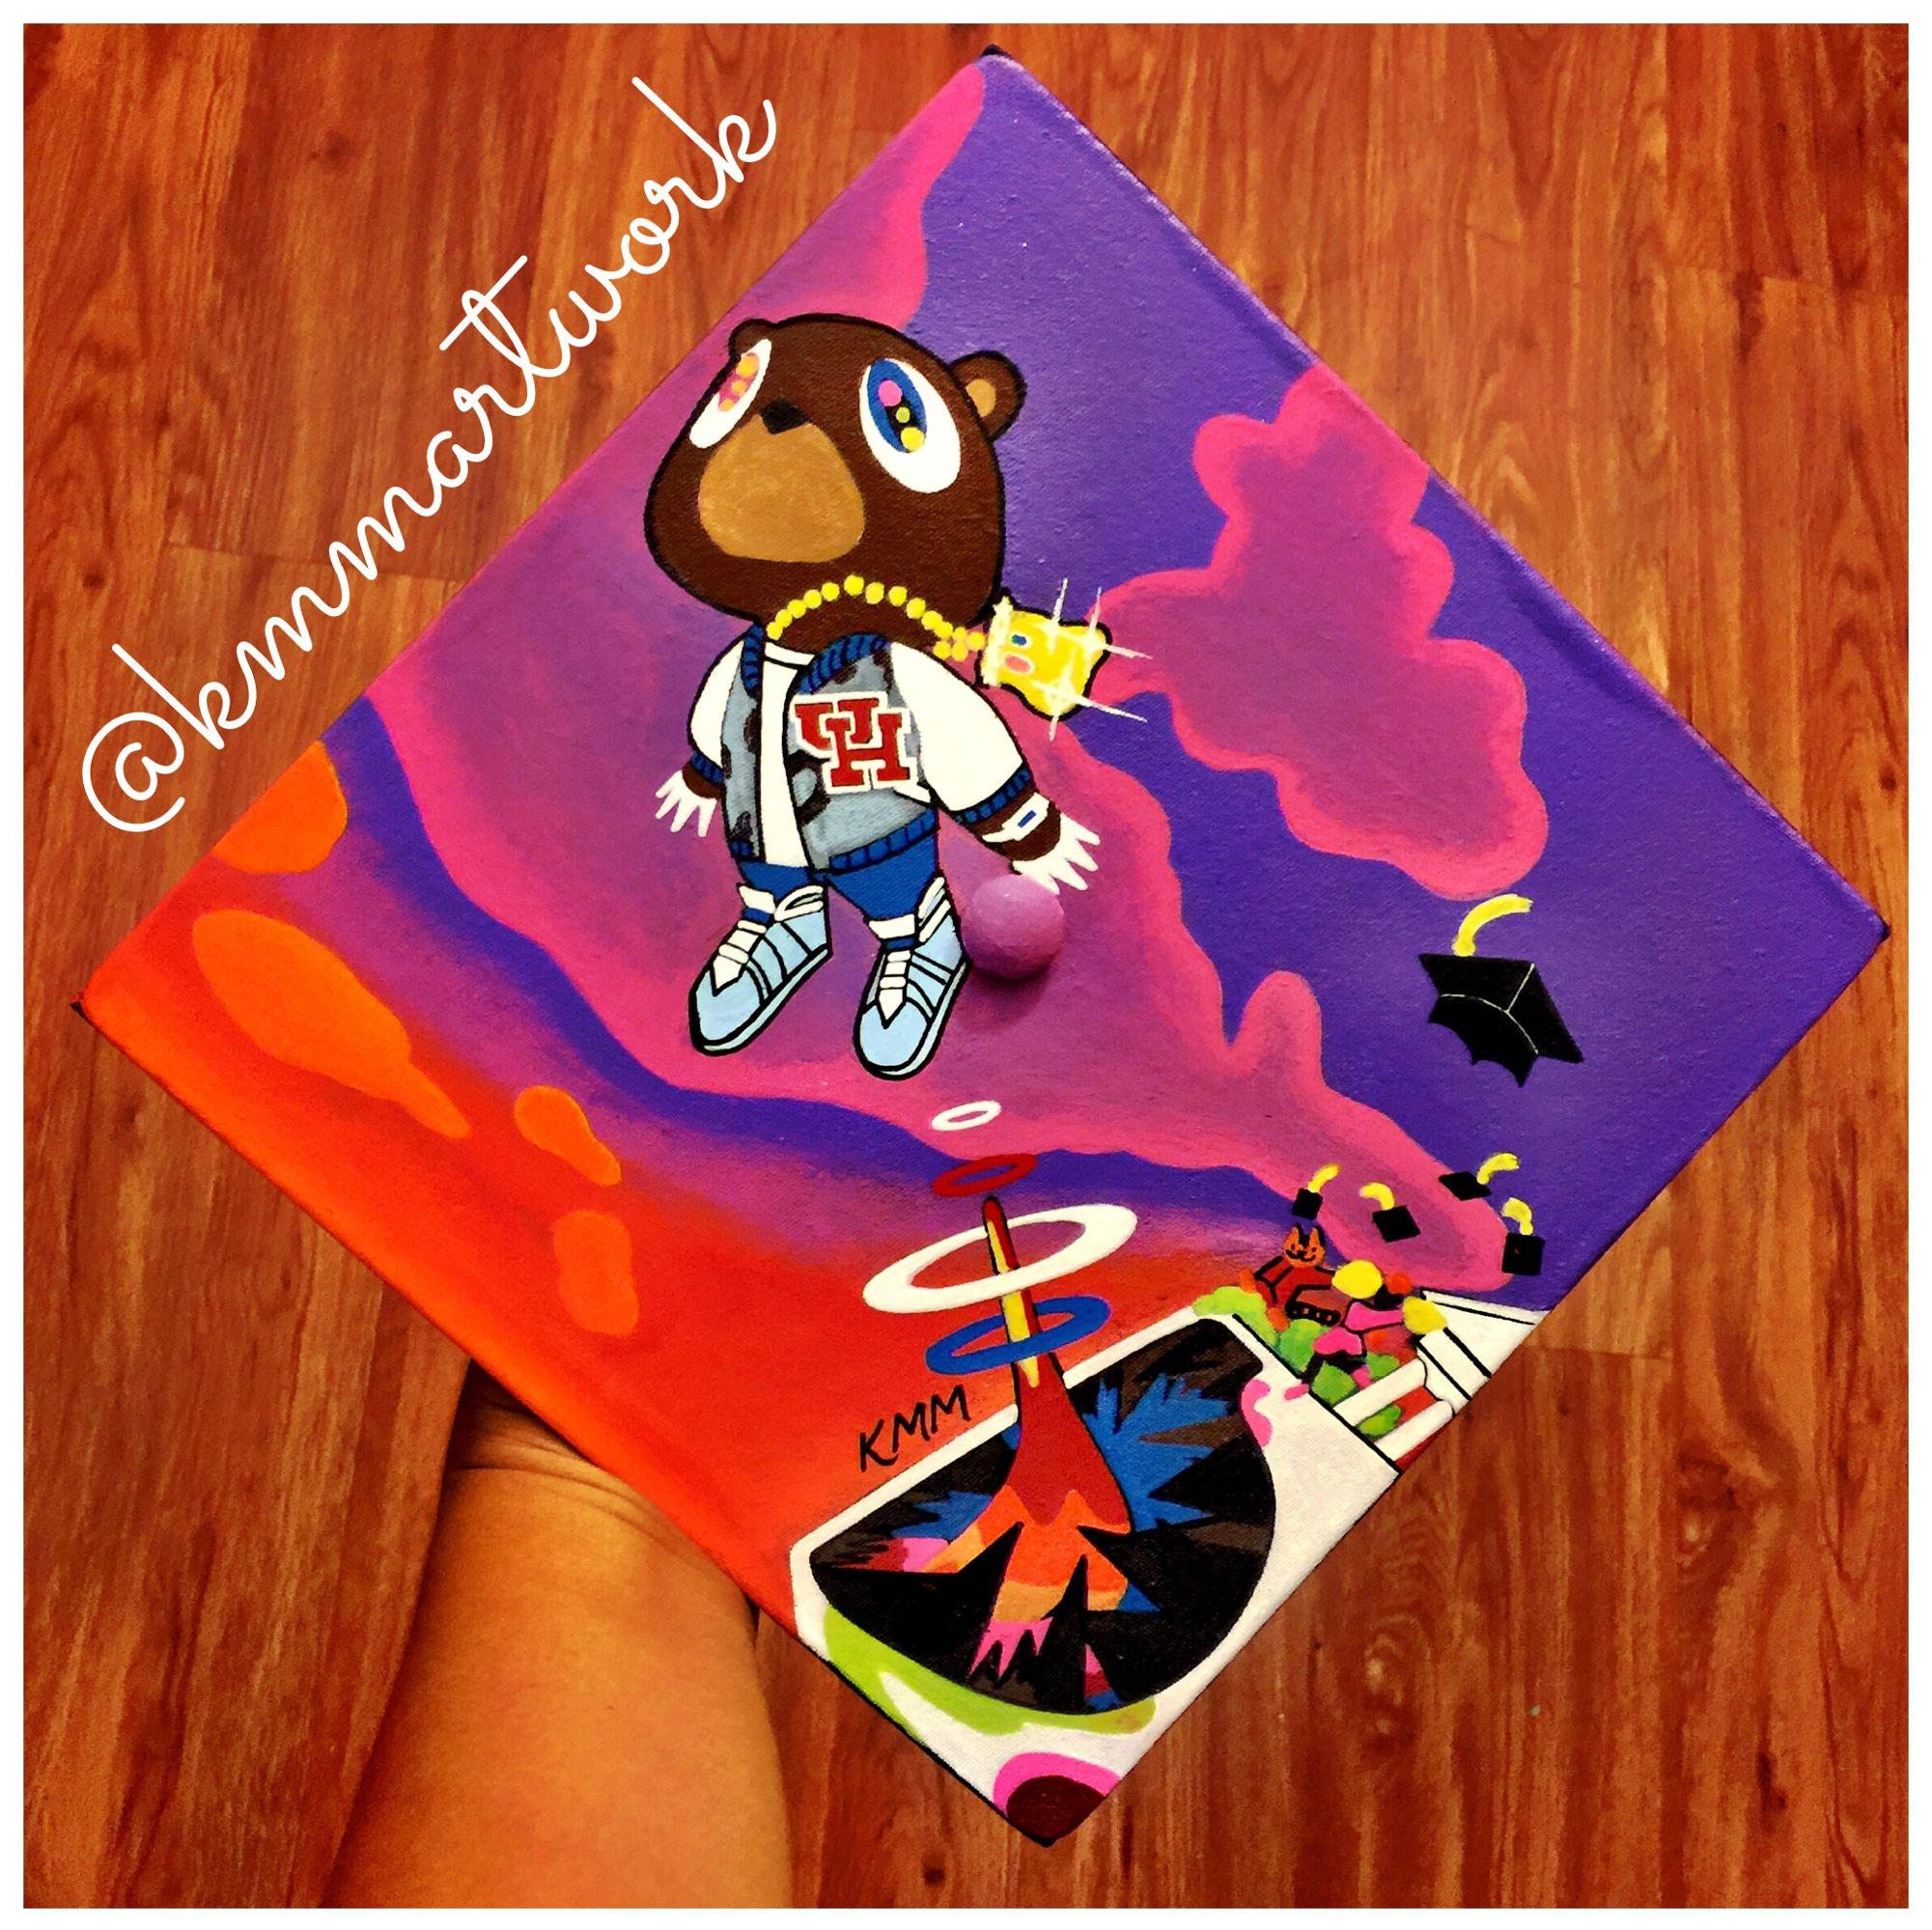 Kanye West Albums Kanye West Wallpaper Kanye West Album Cover Kanye West Albums